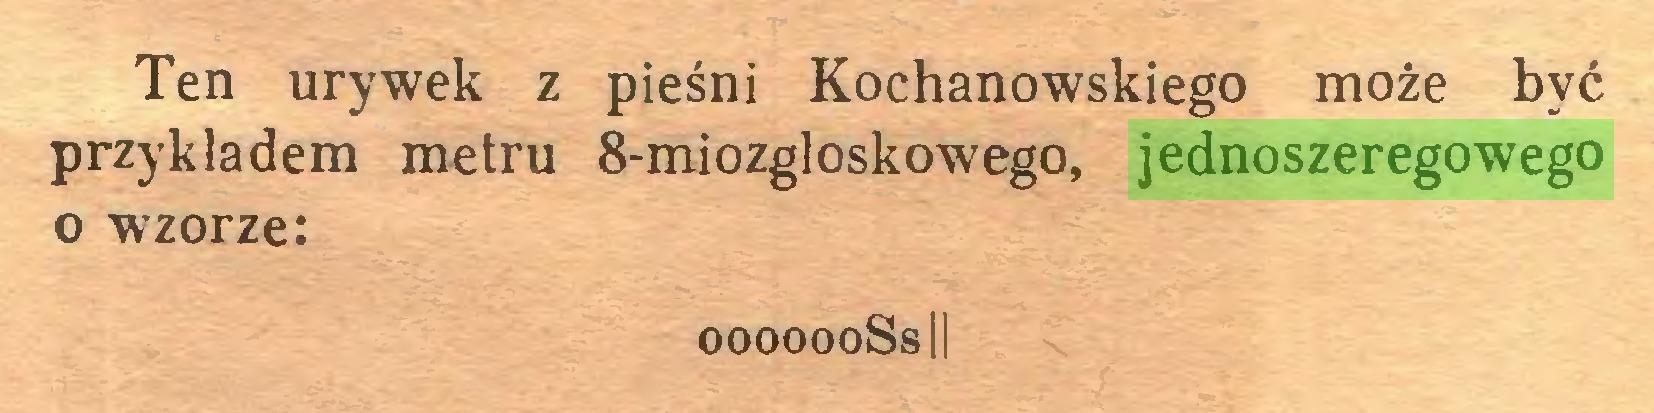 (...) Ten urywek z pieśni Kochanowskiego może być przykładem metru 8-miozgloskowego, jednoszeregowego o wzorze: ooooooSsIi...